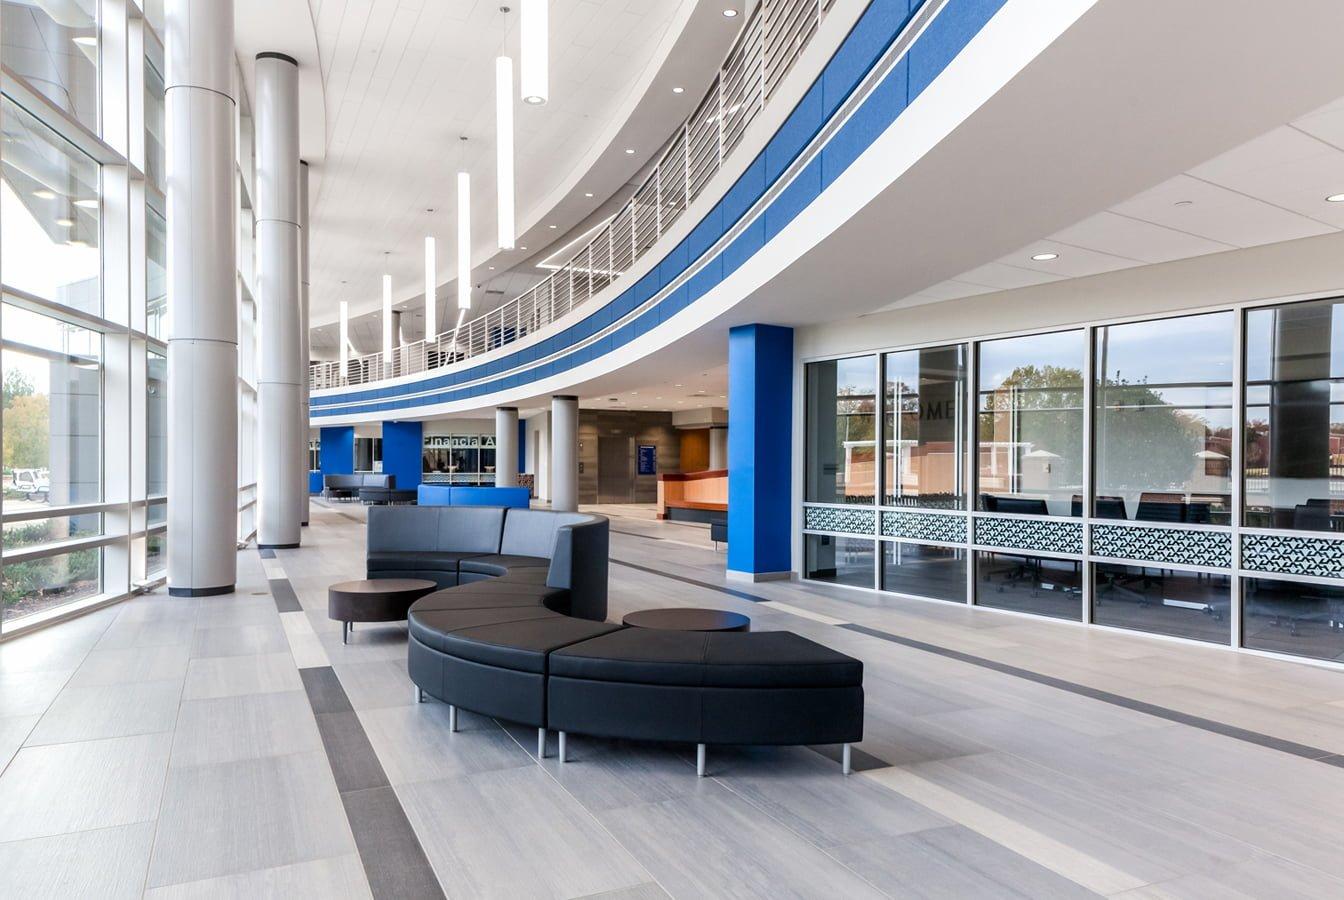 UAH SSB interior - 4 - (1344x900)